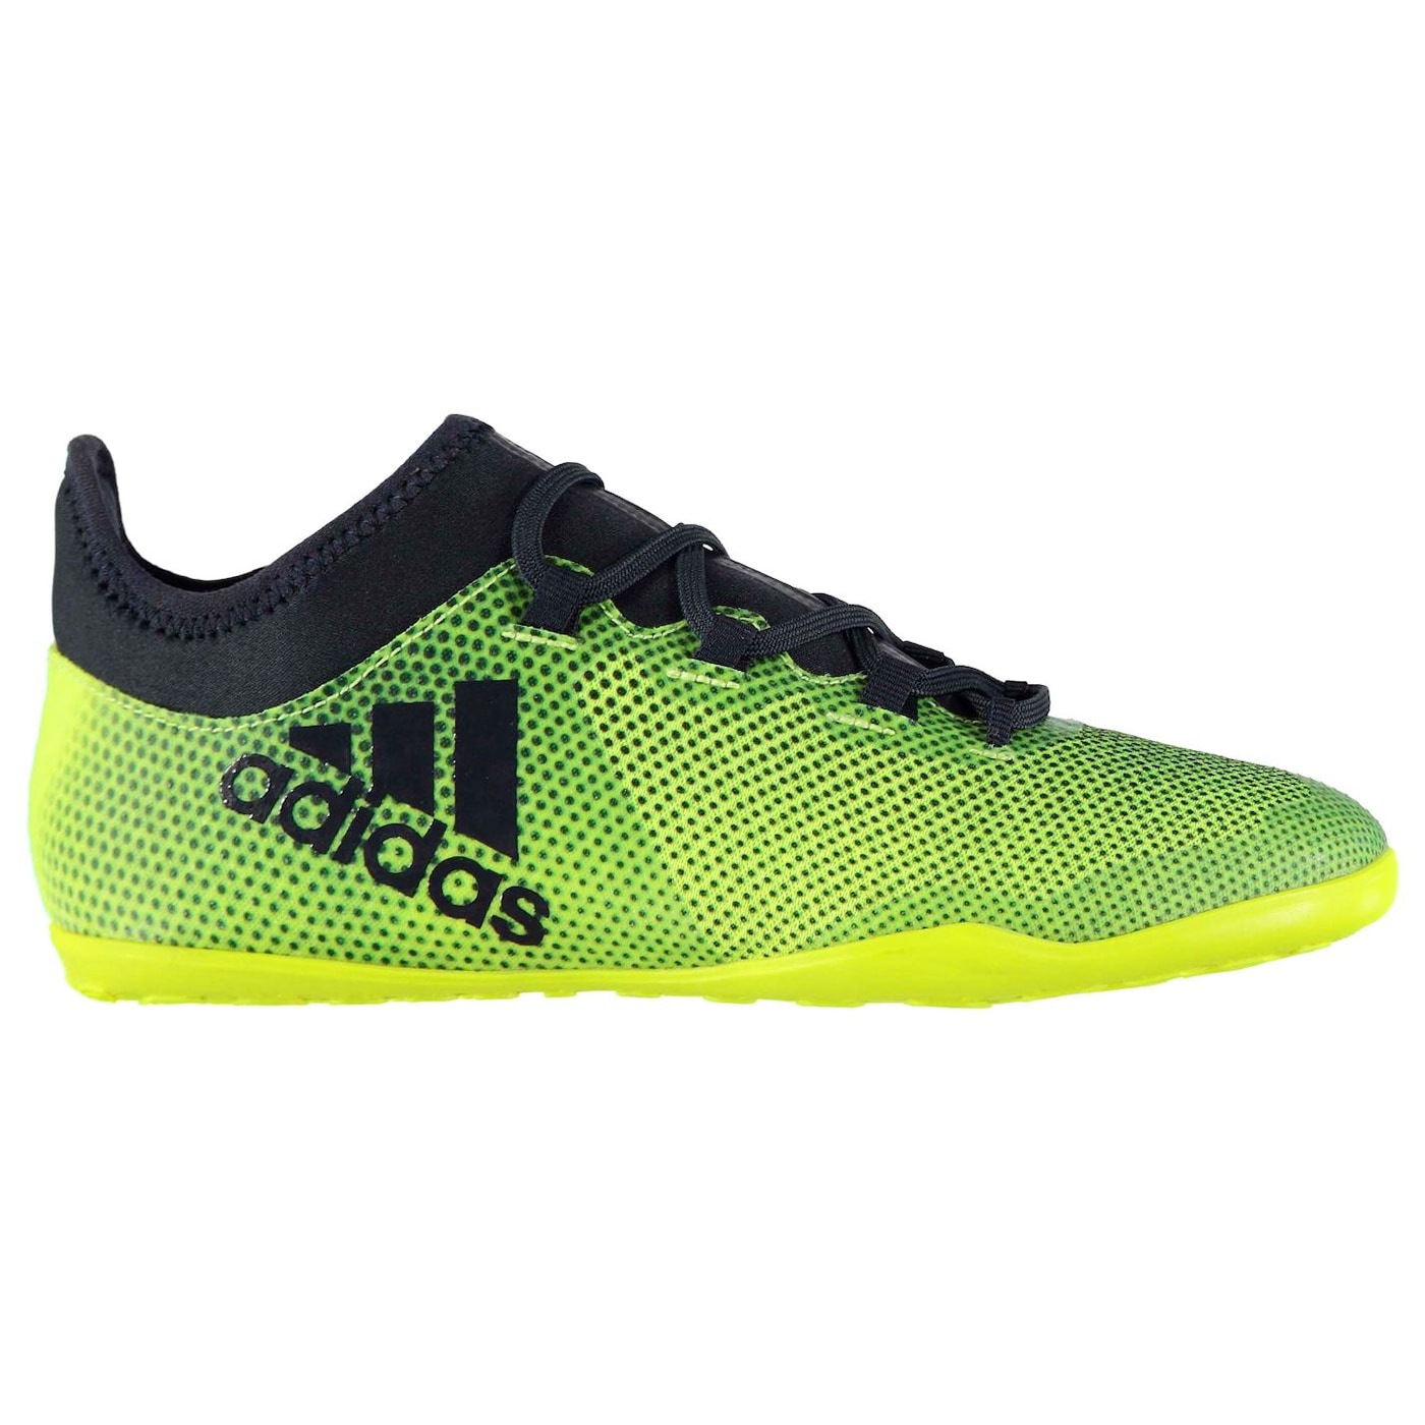 Adidas X 17.3 Mens Indoor Football Boots